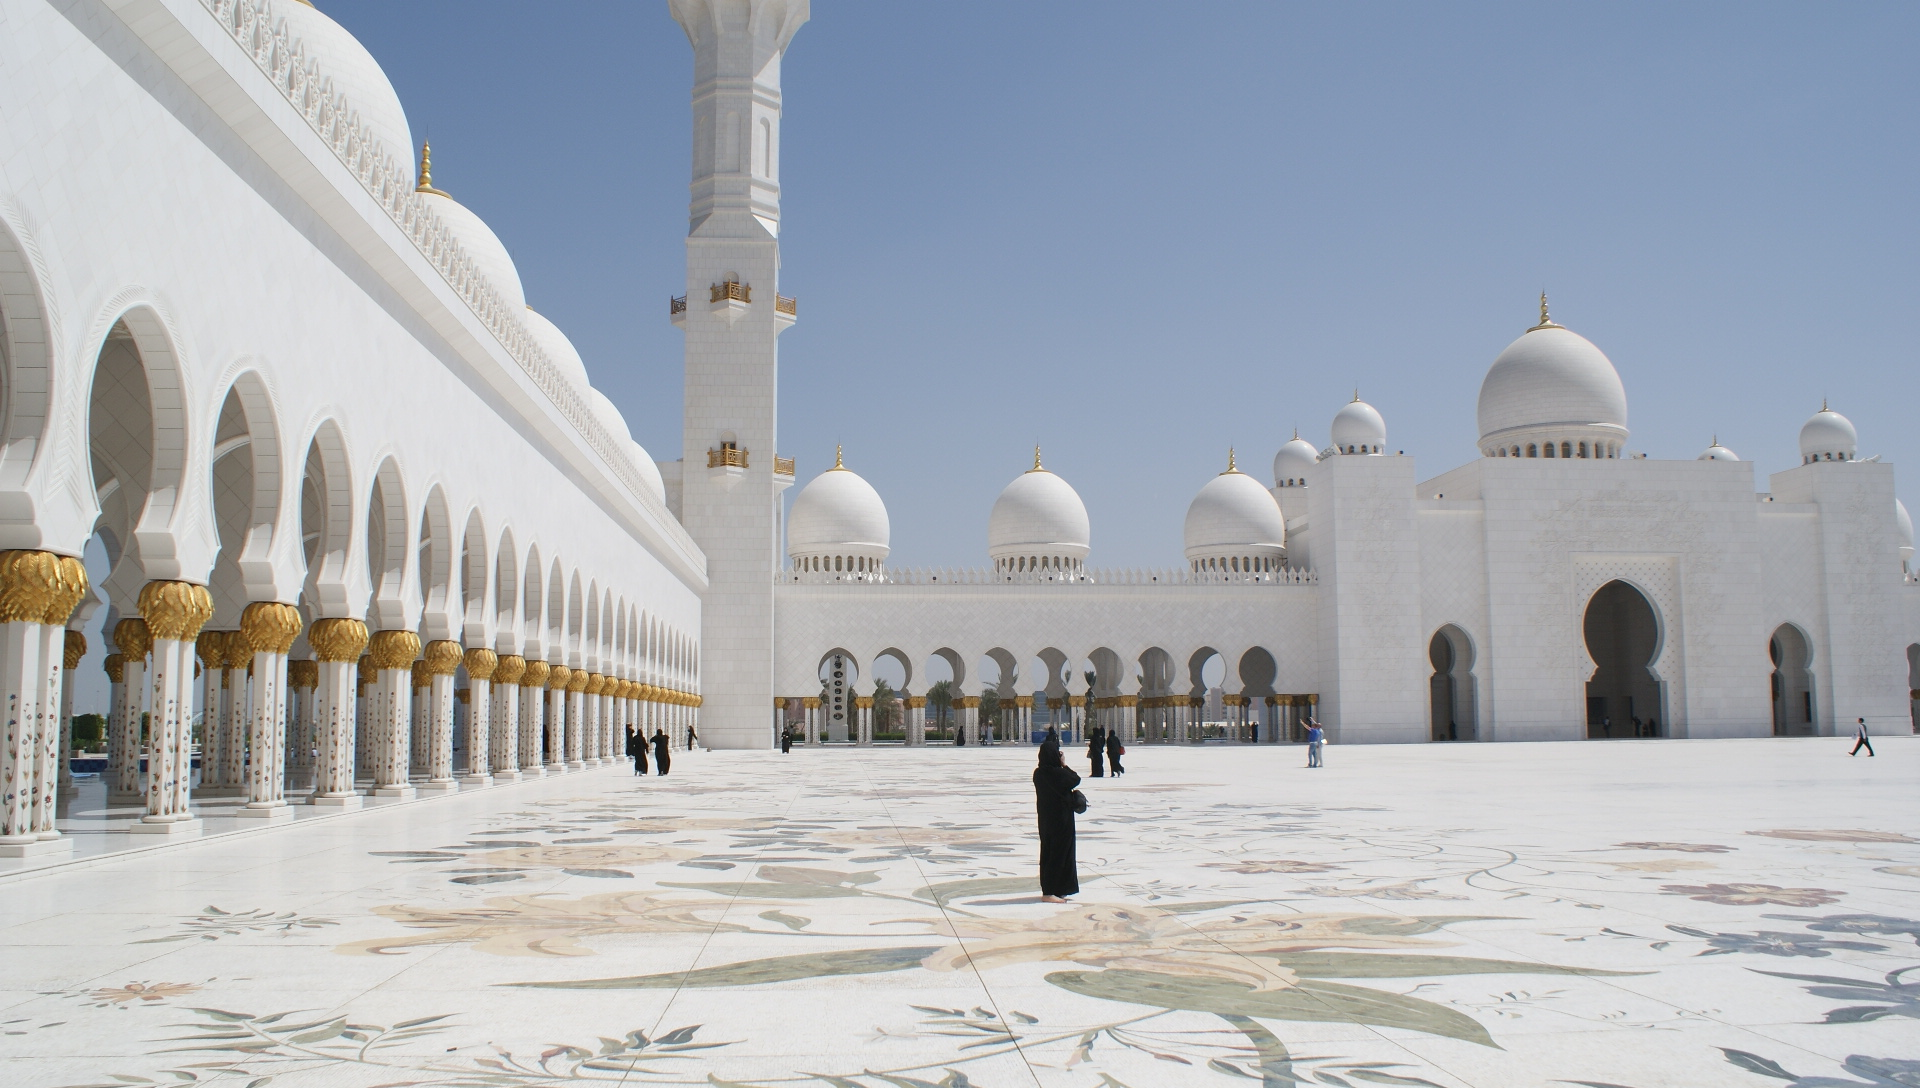 шейха зайда мечеть абу-даби0_aa86c_e3673cdd_orig.jpg